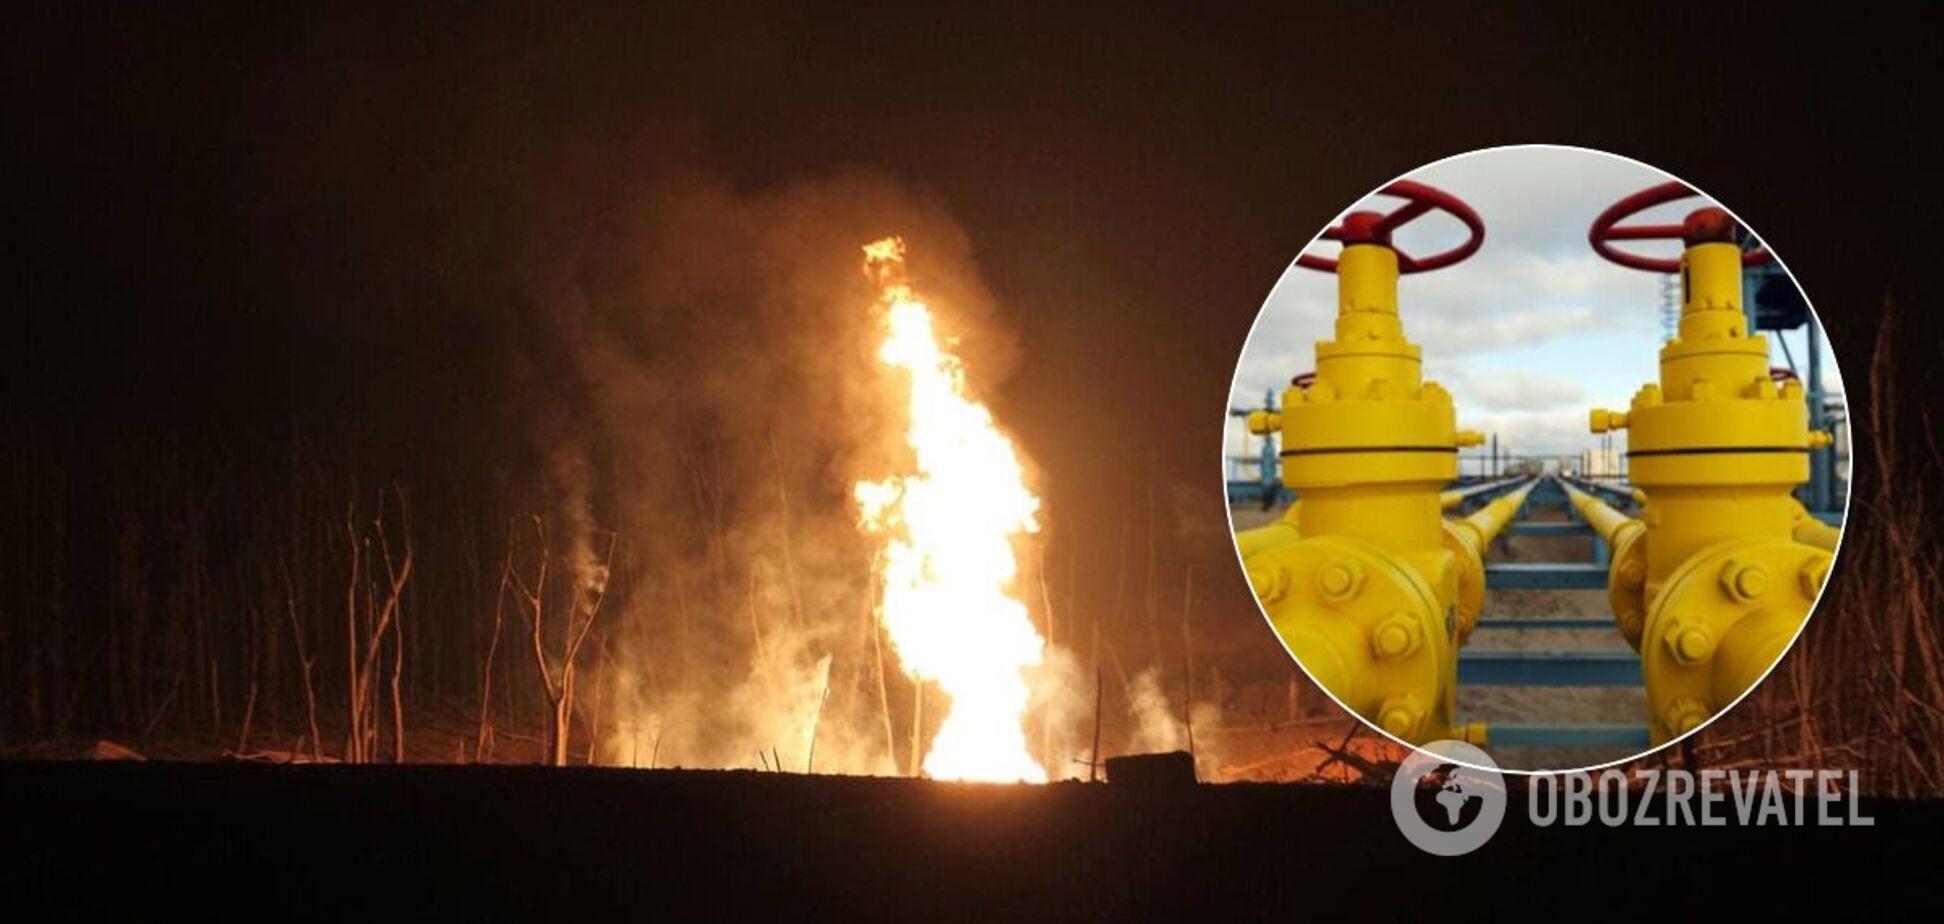 Ділянку газопроводу, який вибухнув під Лубнами, ще не відремонтували